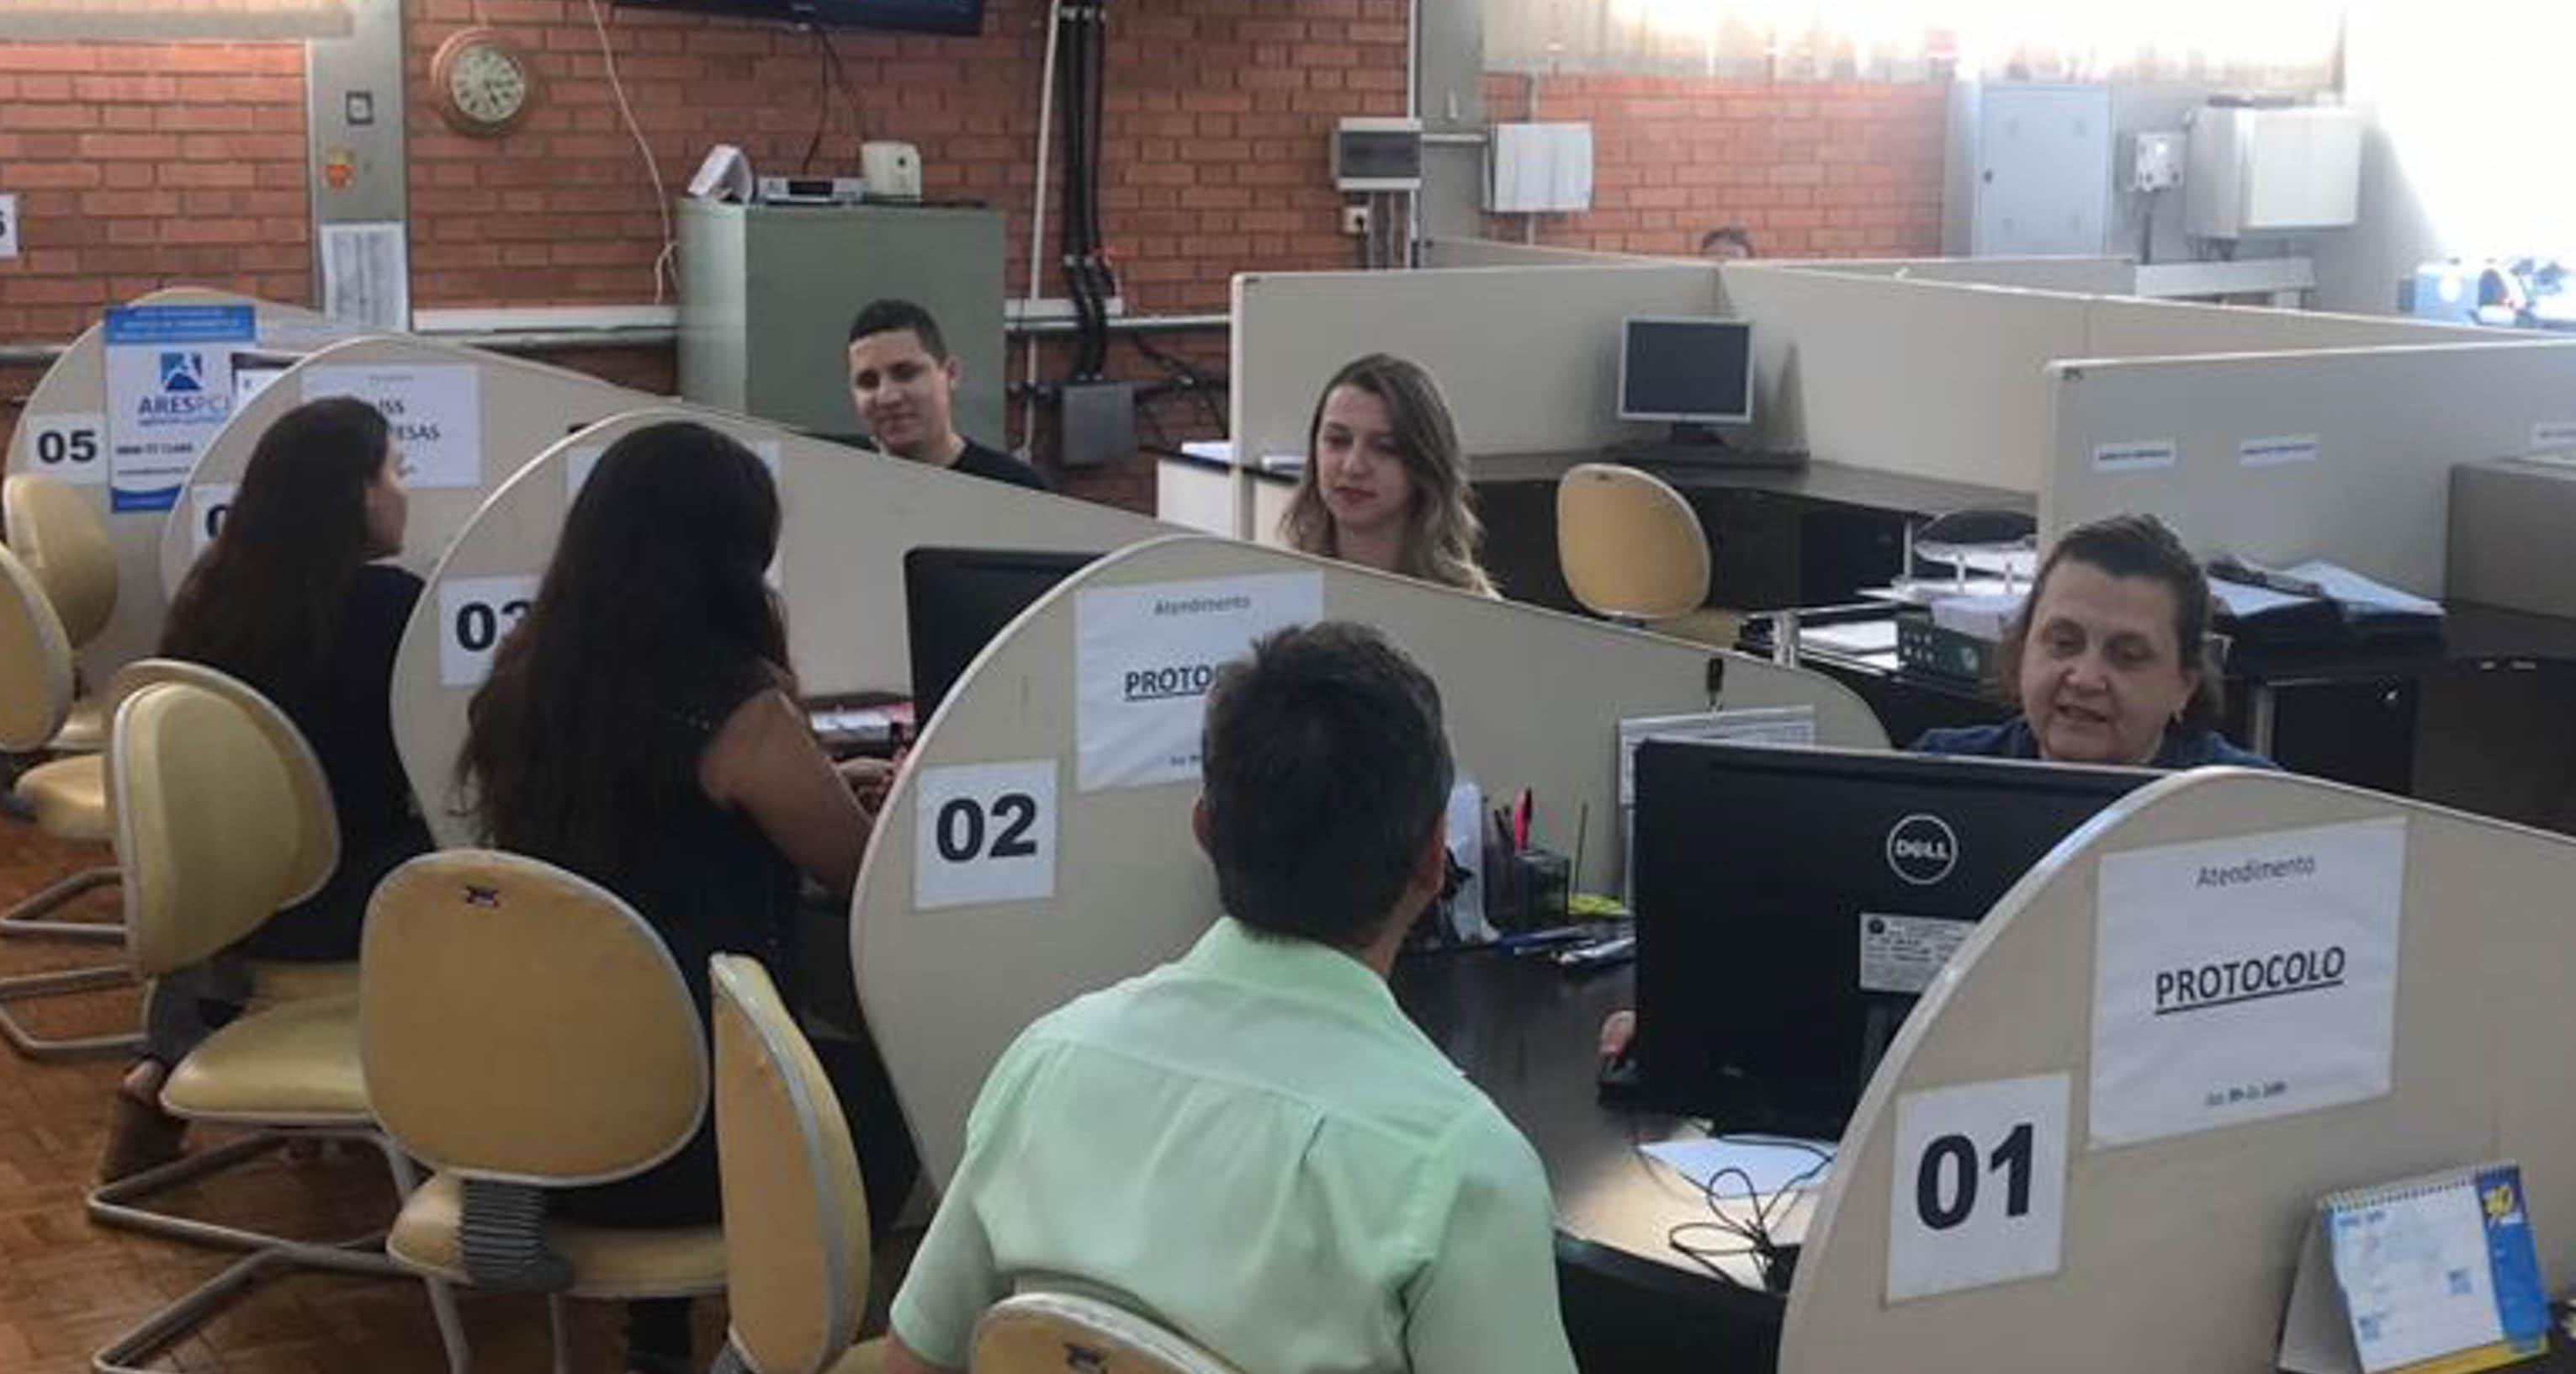 Prefeitura lança Refis com descontos de até 100% em juros e multas